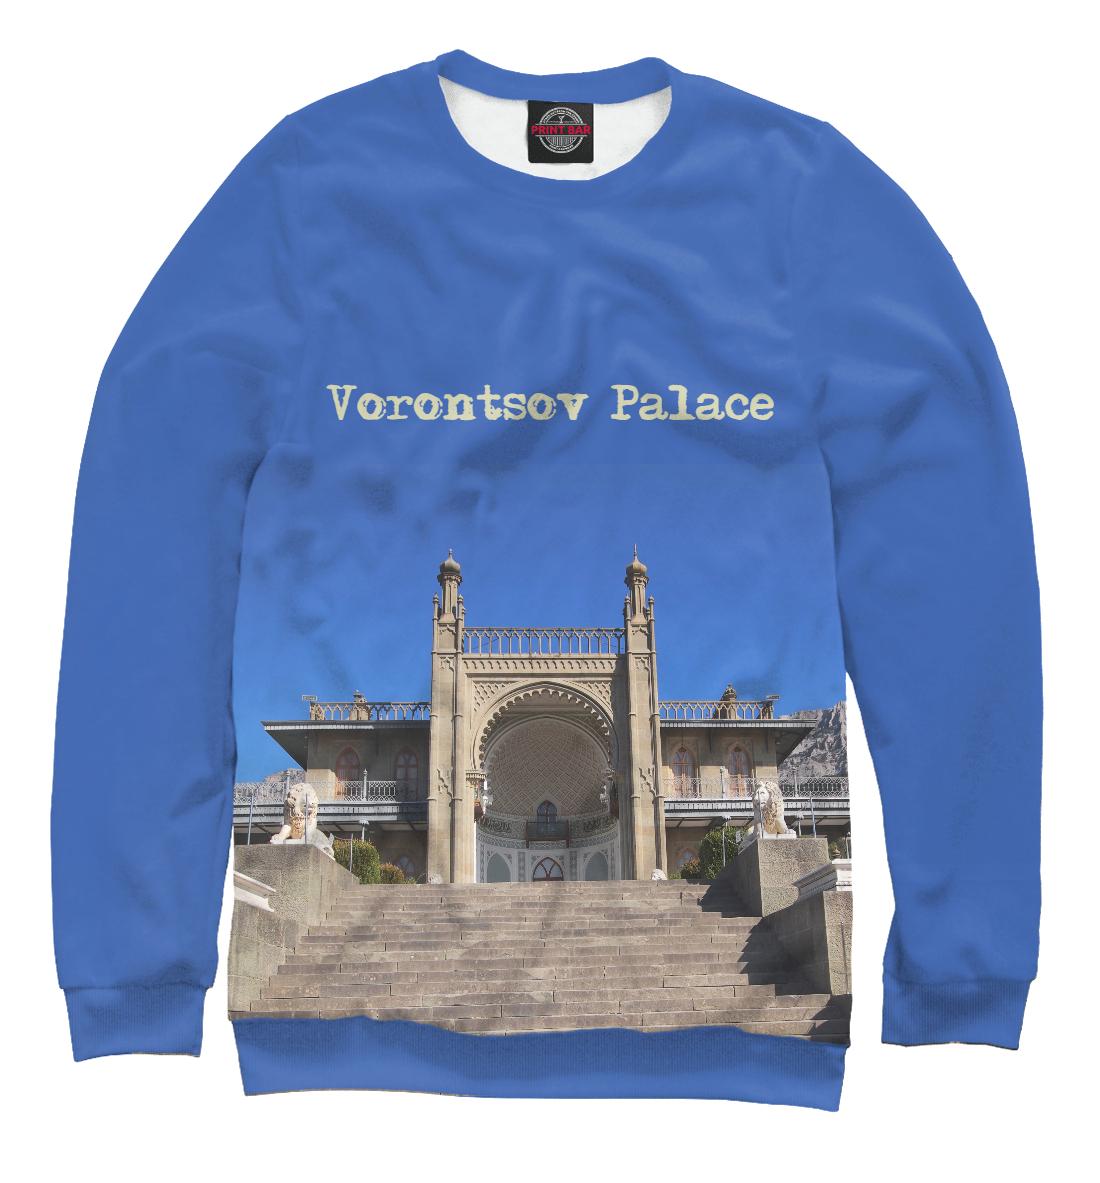 Купить Воронцовский дворец, Printbar, Свитшоты, KRY-394074-swi-2